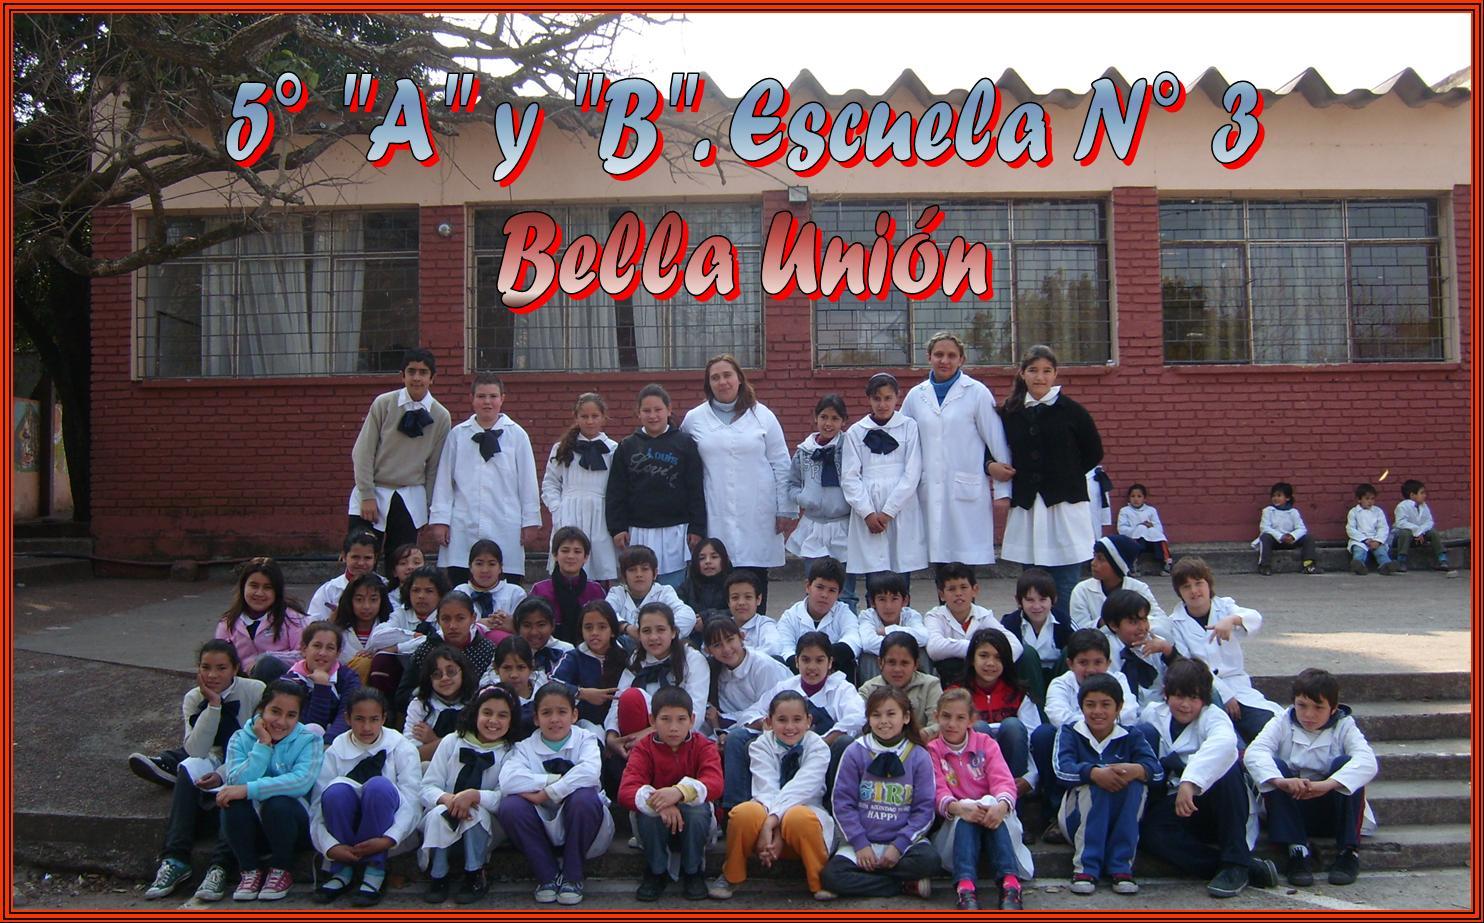 """Quintos """"A"""" y """"B"""". Escuela Nº 3 Bella Unión"""